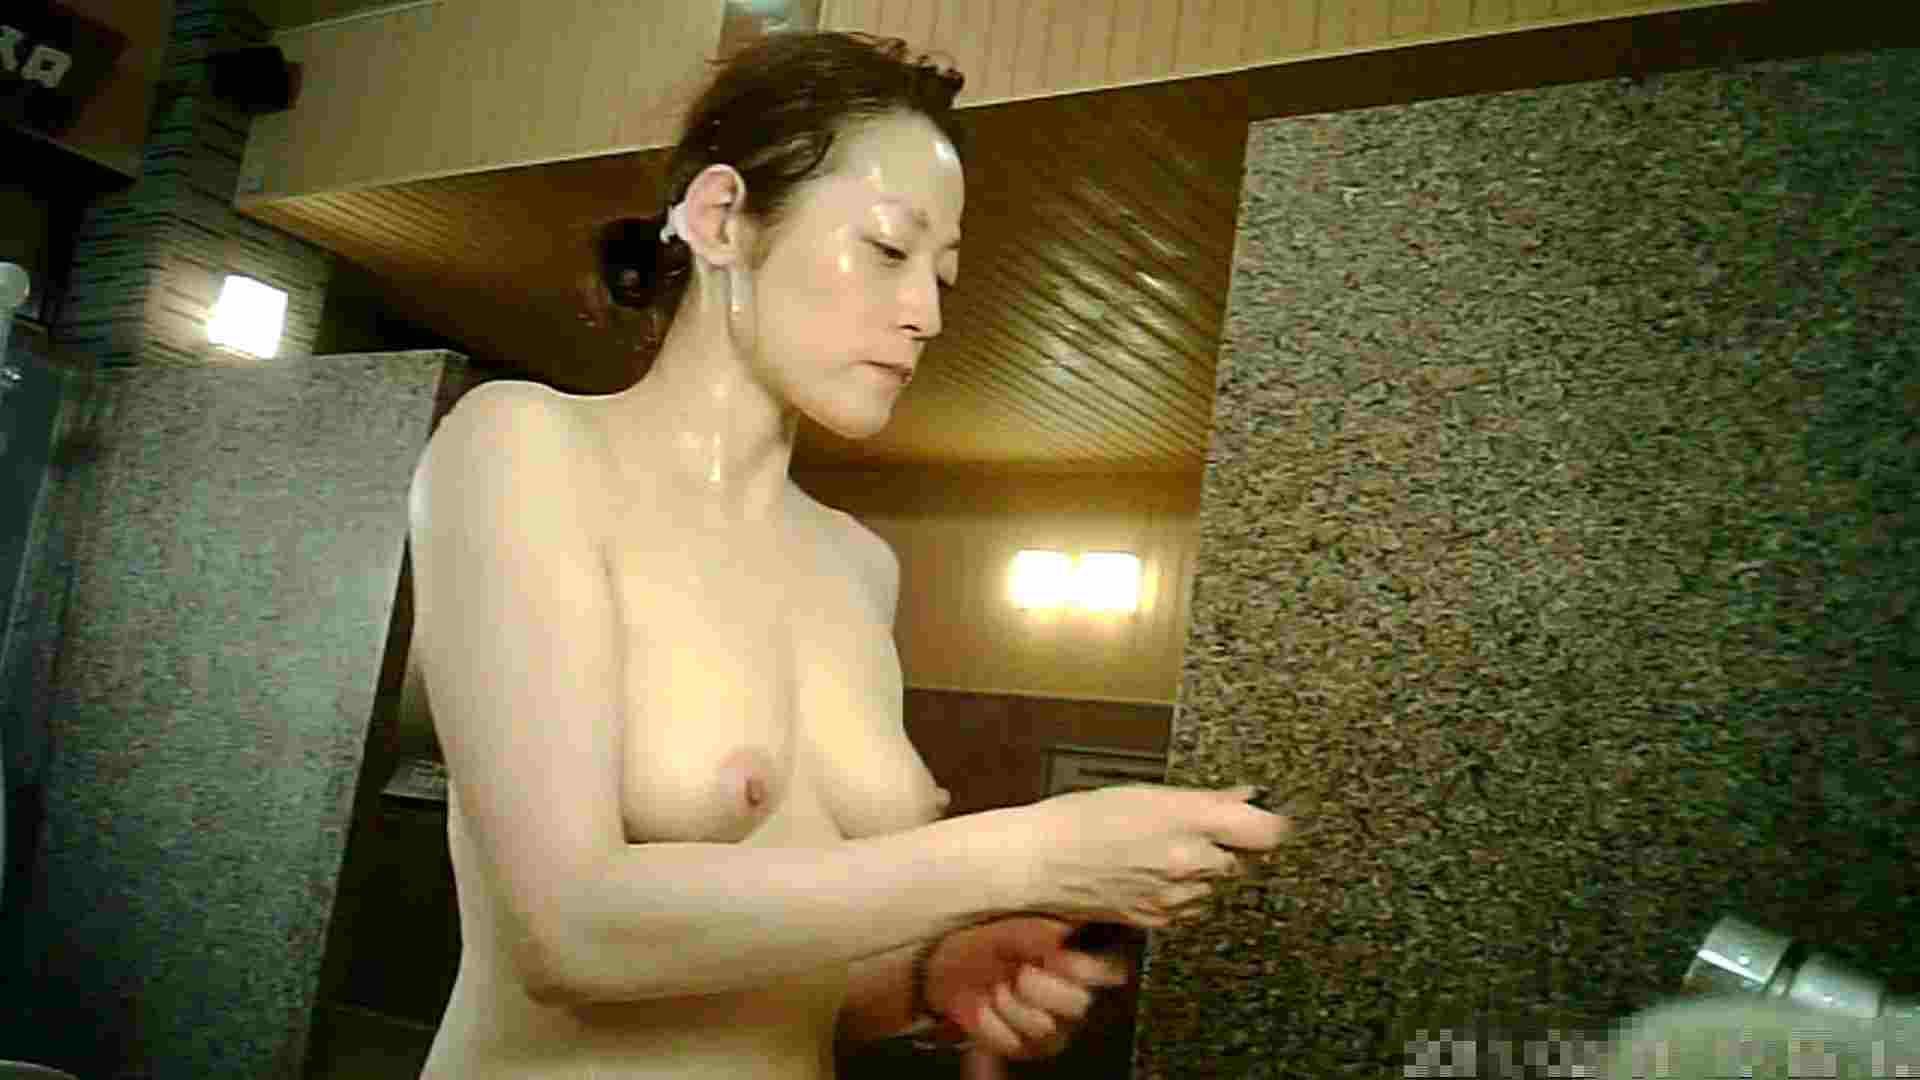 盗撮おまんこ Vol.13 洗い場!柔らかそうな乳房がを支えてあげたいし舐めたい 怪盗ジョーカー